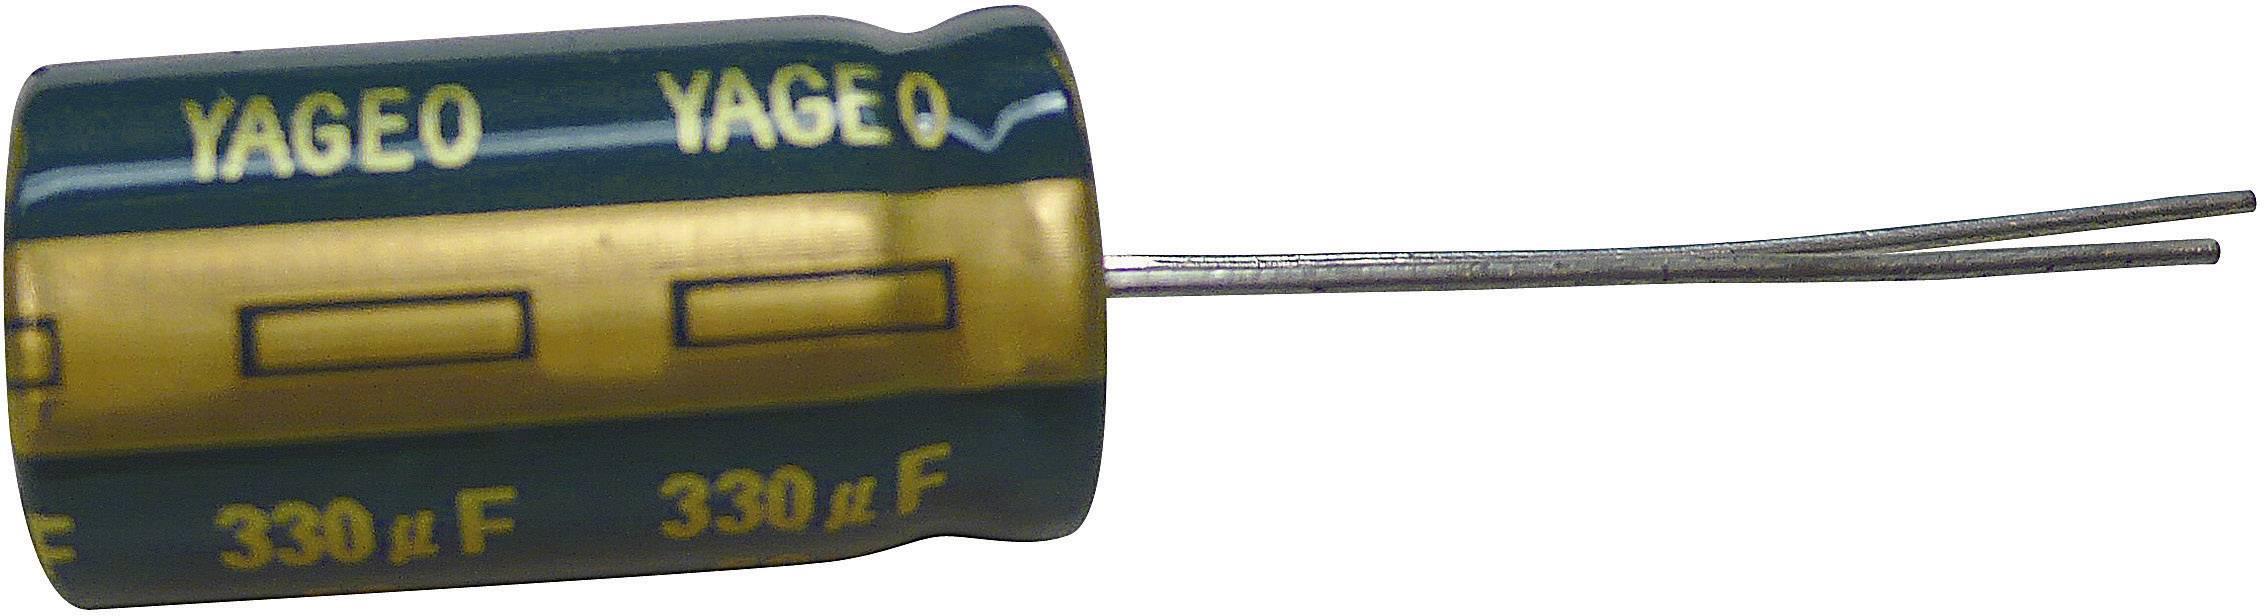 Kondenzátor elektrolytický Yageo SC006M3300B5S-1325, 3300 µF, 6,3 V, 20 %, 25 x 13 mm